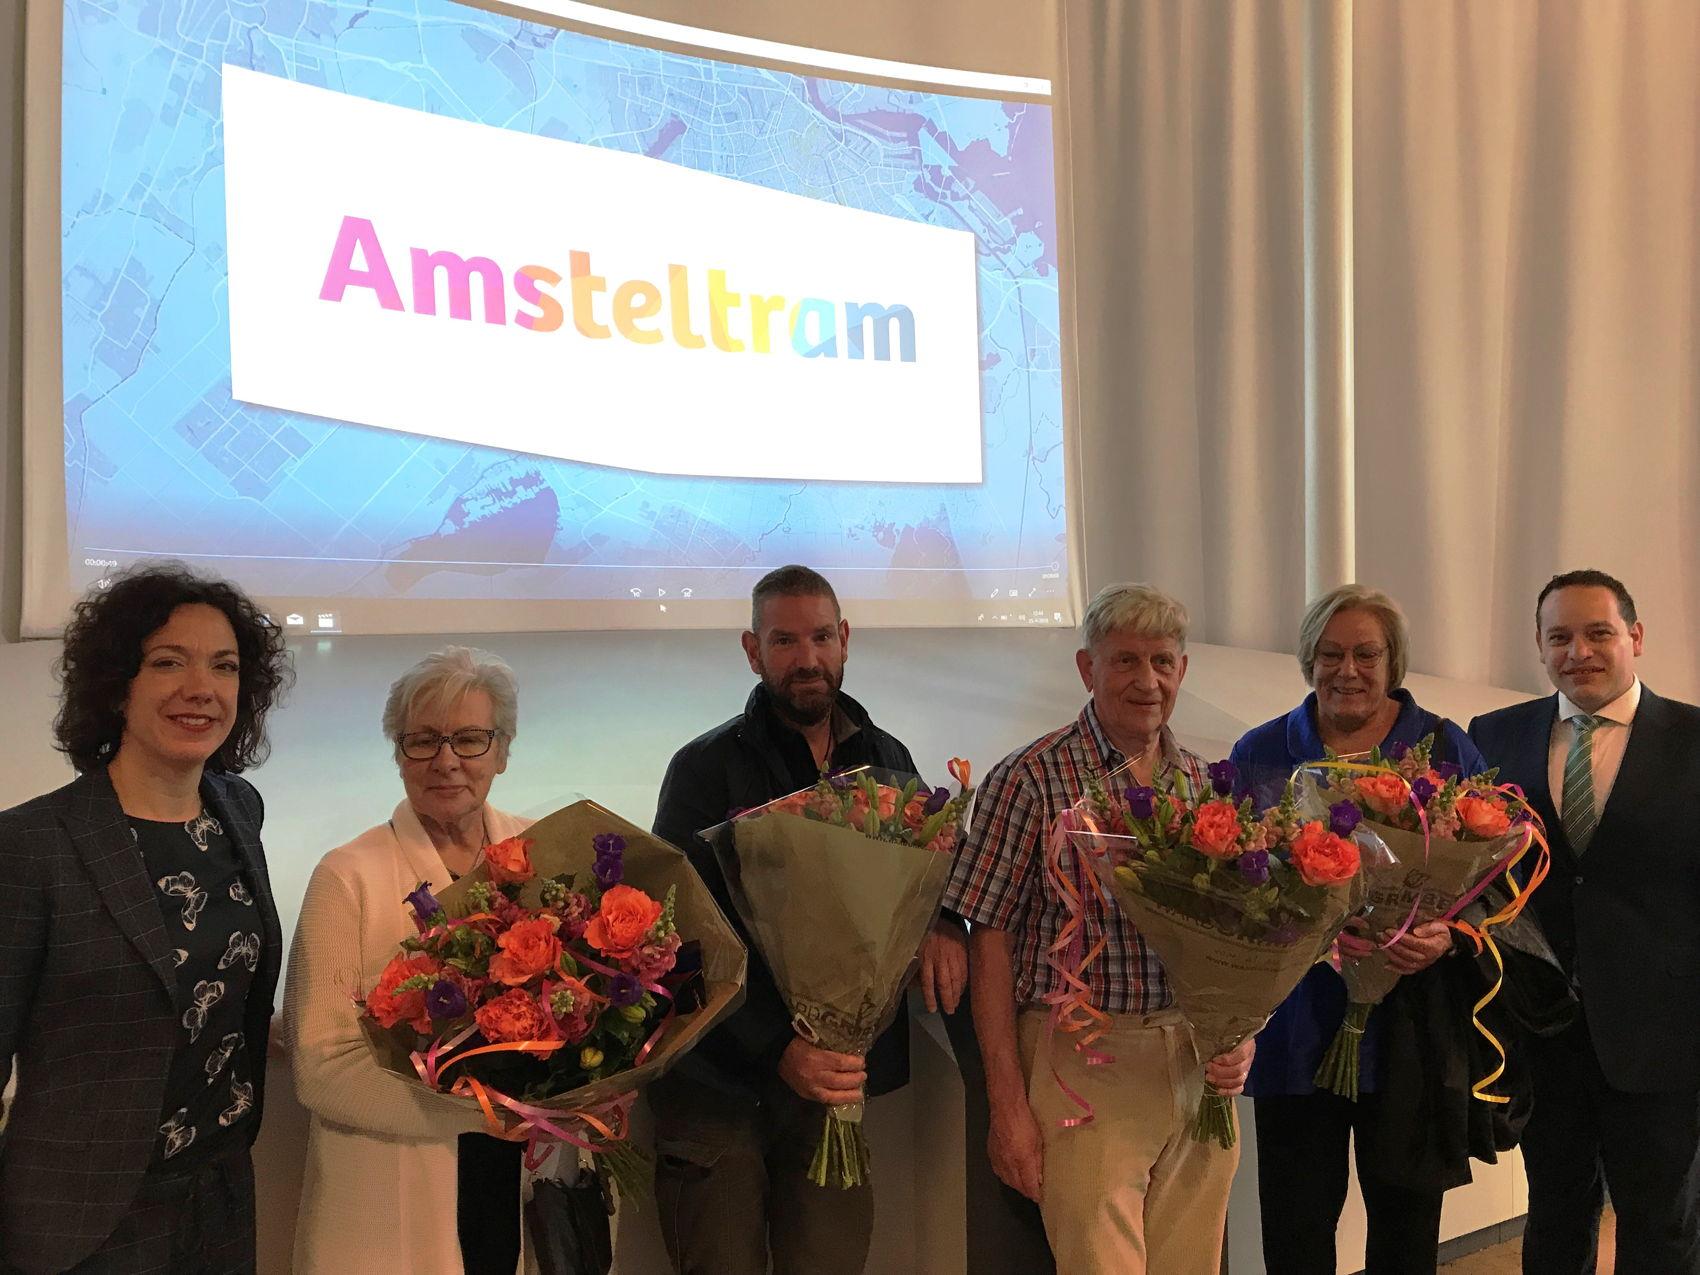 De winnaars tezamen met wethouders Polak van Uithoorn en Veeningen van Amstelveen waren woensdag 25 april allemaal aanwezig bij de onthulling van de nieuwe naam en bijbehorende huisstijl.